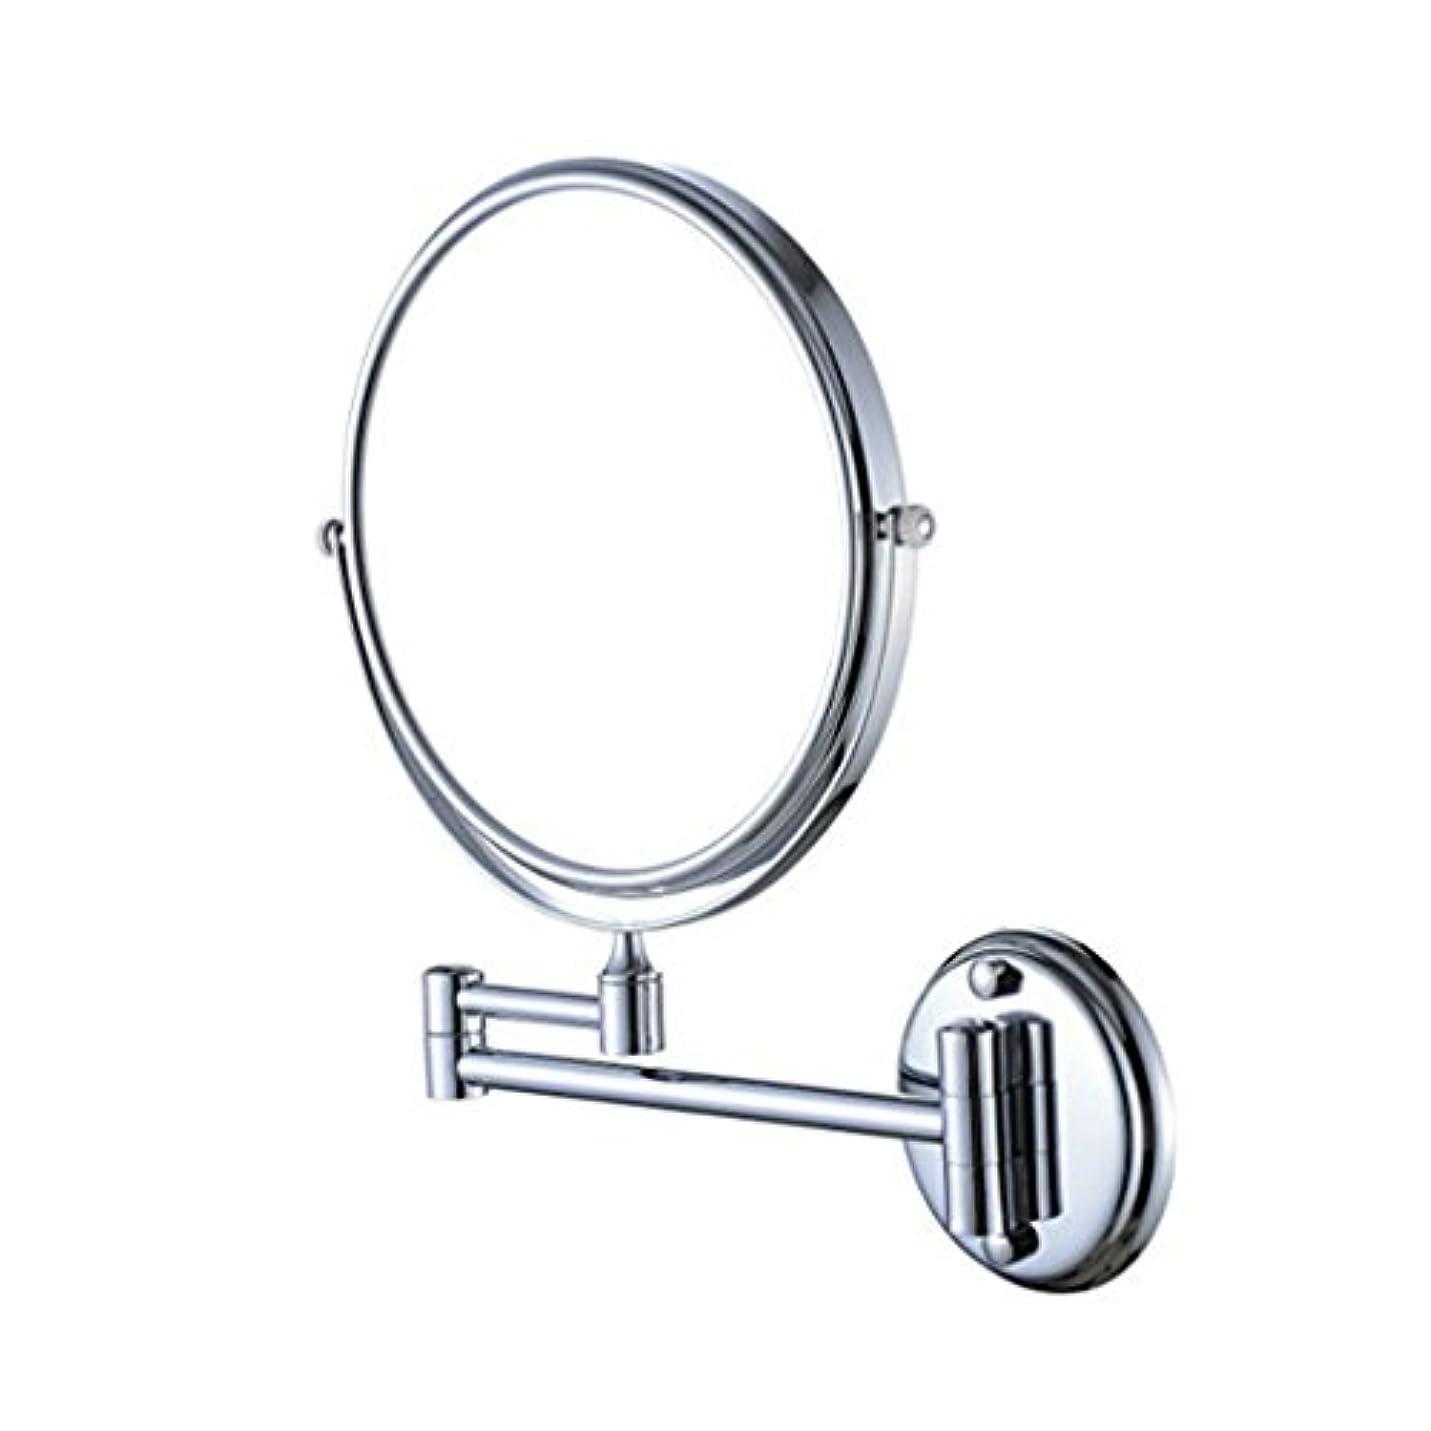 構成員恩赦アクセシブルCUTICATE 5倍/ 1倍 両面化粧鏡 壁掛けミラー シェービング メイクアップミラー